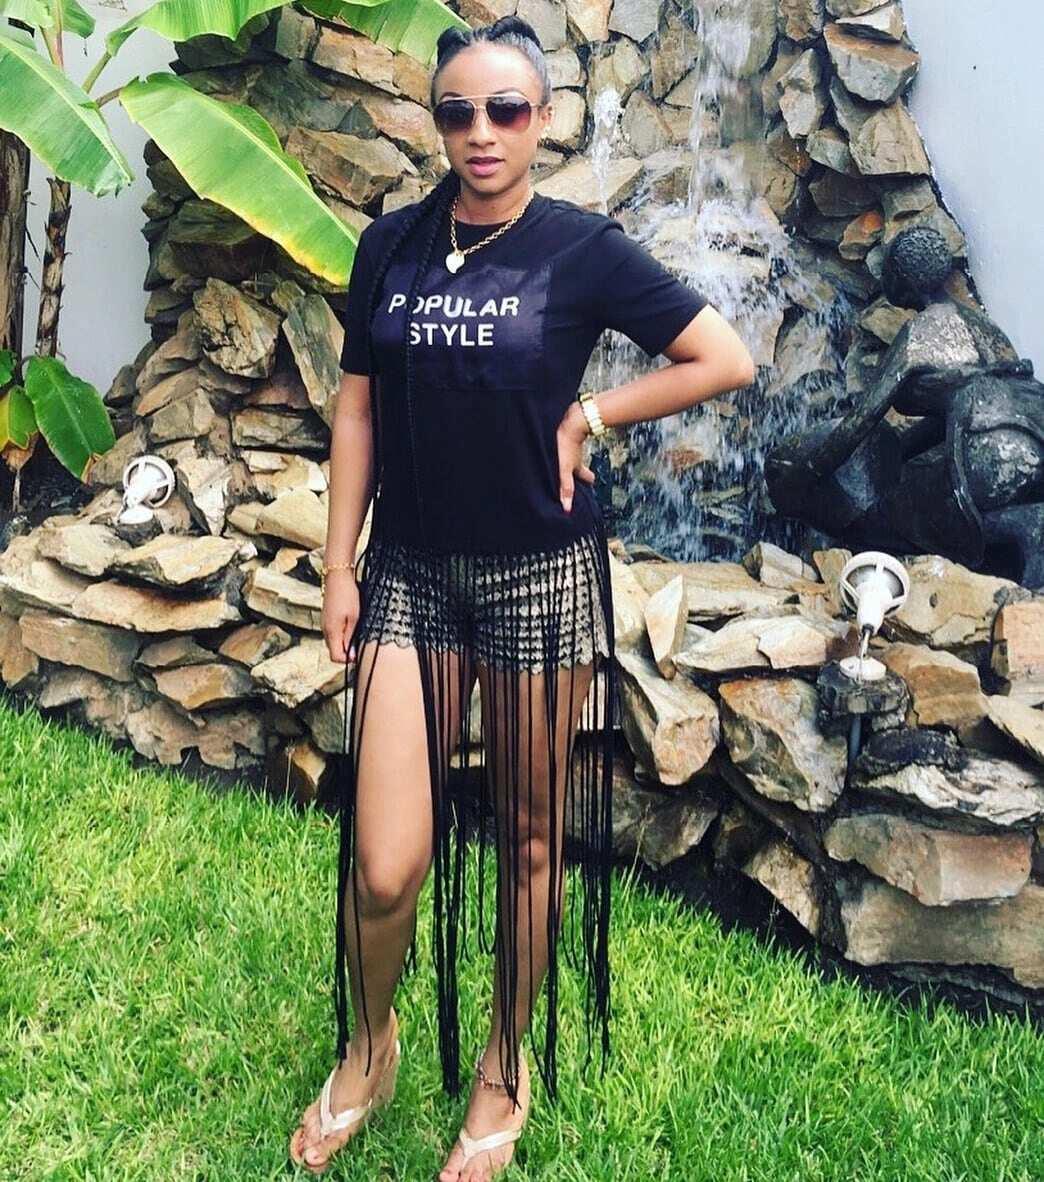 Asamoah Gyan's wife stuns in latest photos